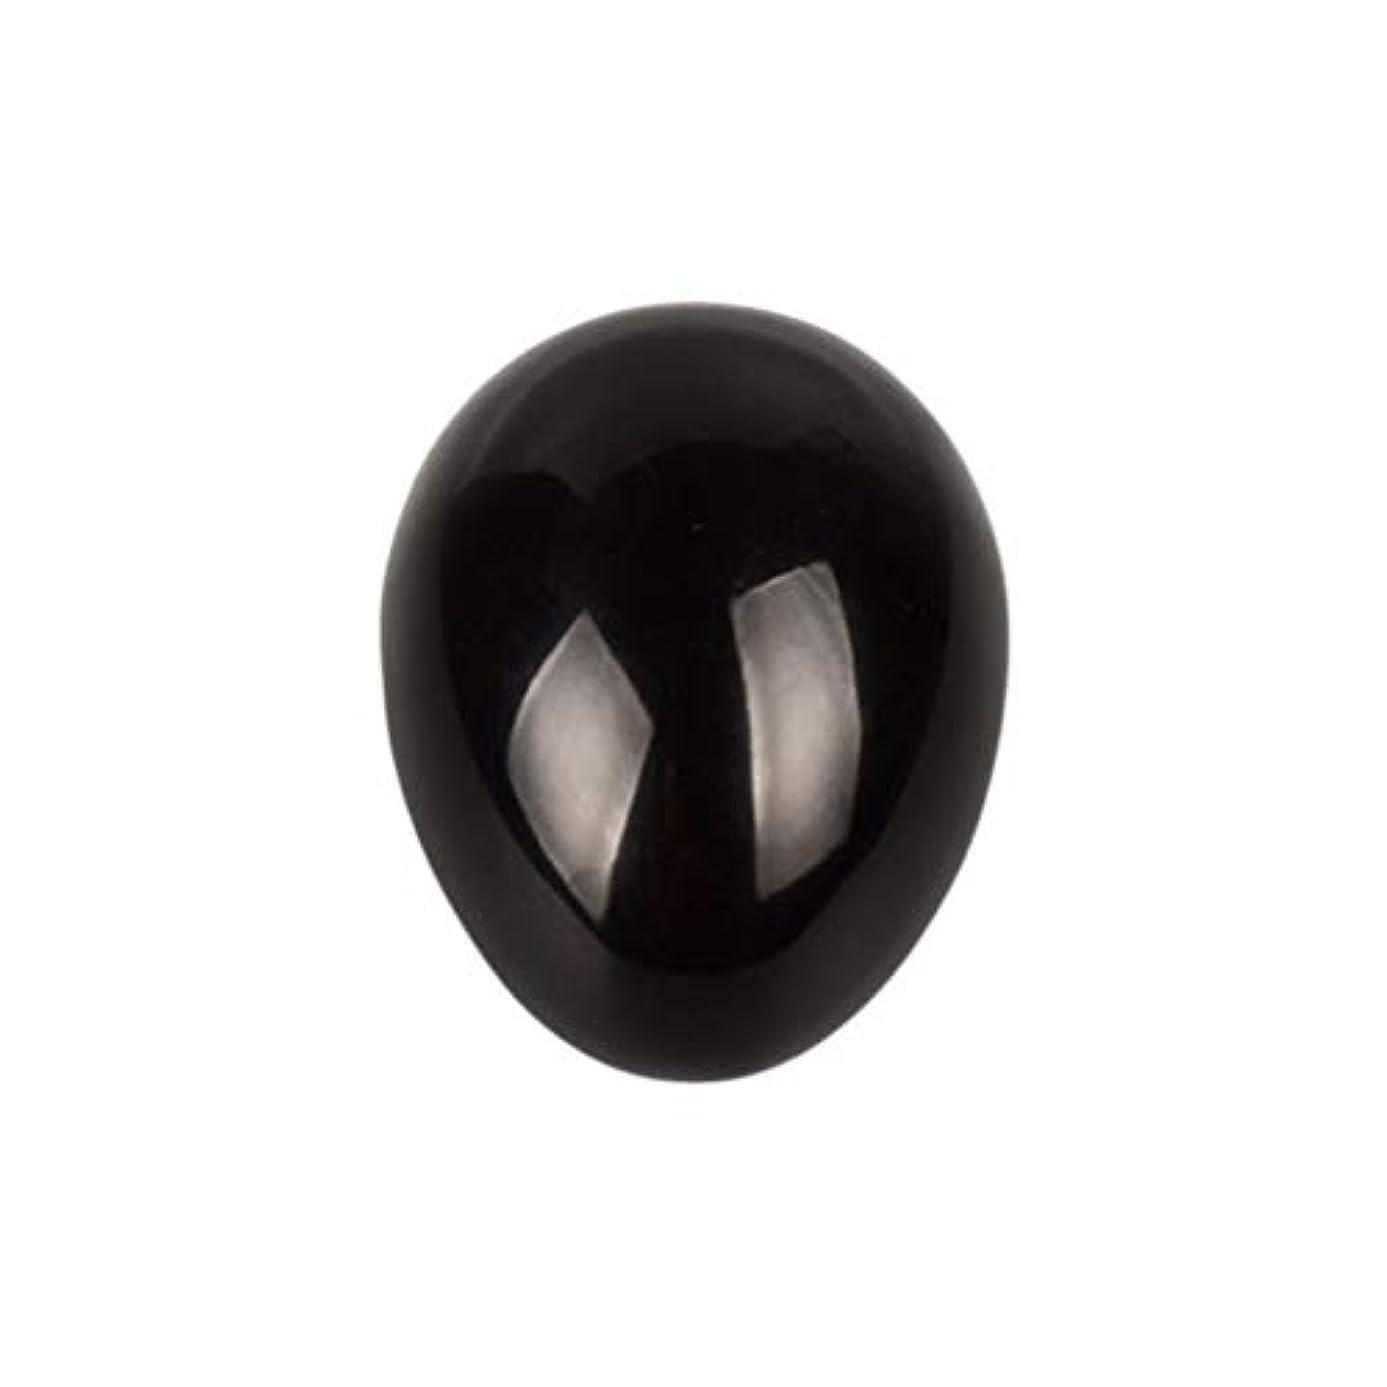 赤面アンドリューハリディクラウドHealifty 癒しの瞑想のための黒い黒曜石の宝石の卵球チャクラのバランスと家の装飾45 * 30 * 30ミリメートル